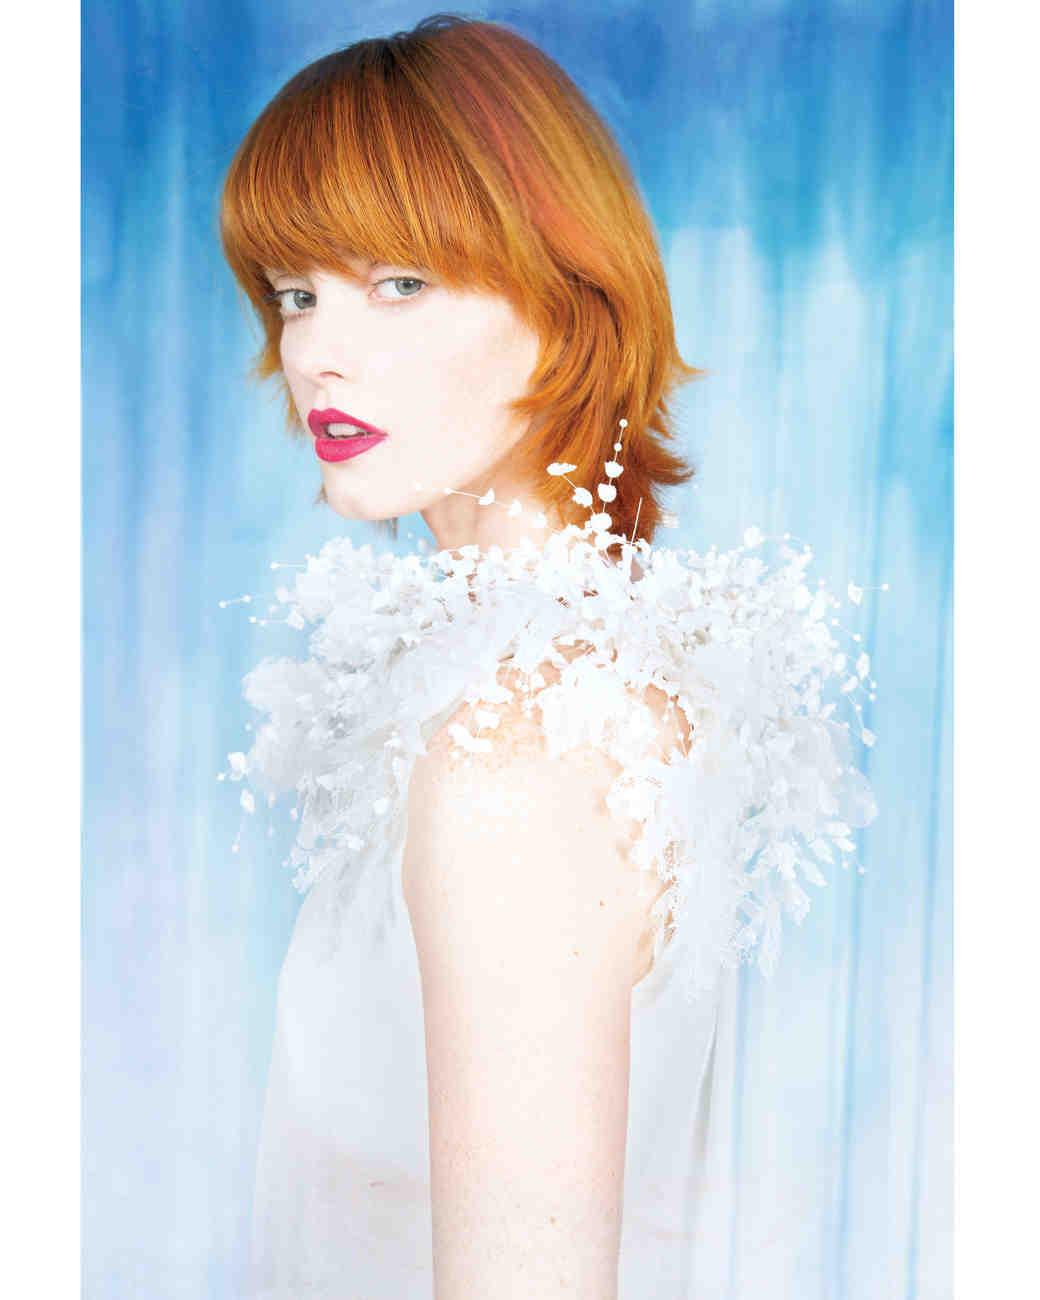 mpronovias-petals-vento-white-dress-70-d112700.jpg